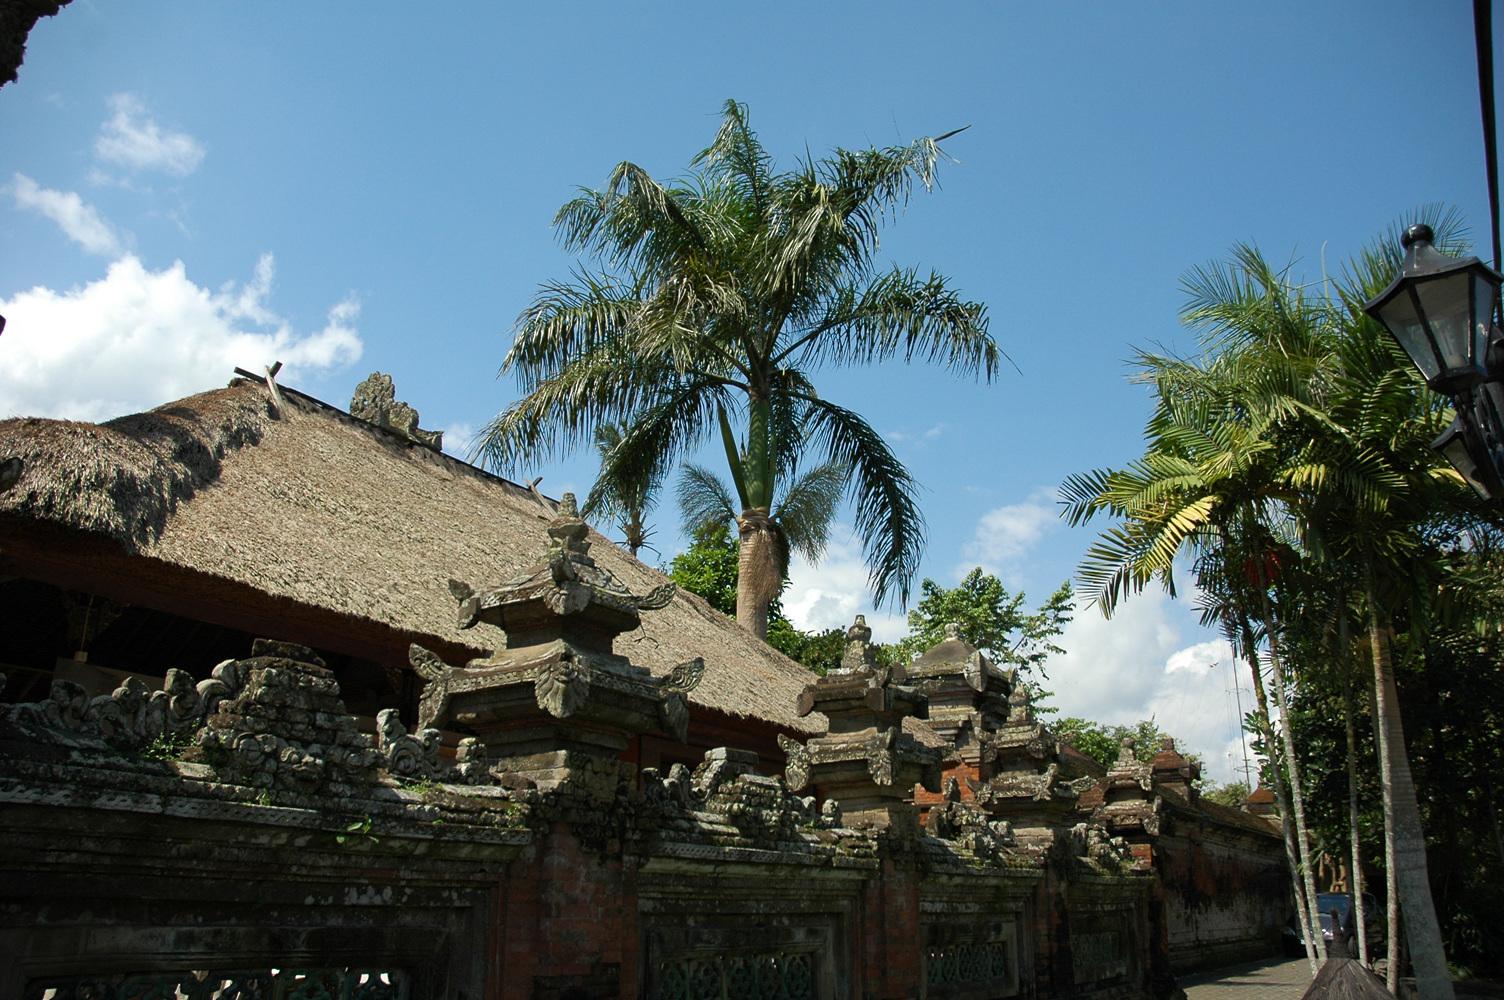 인도네시아 농촌풍경 (12).jpg